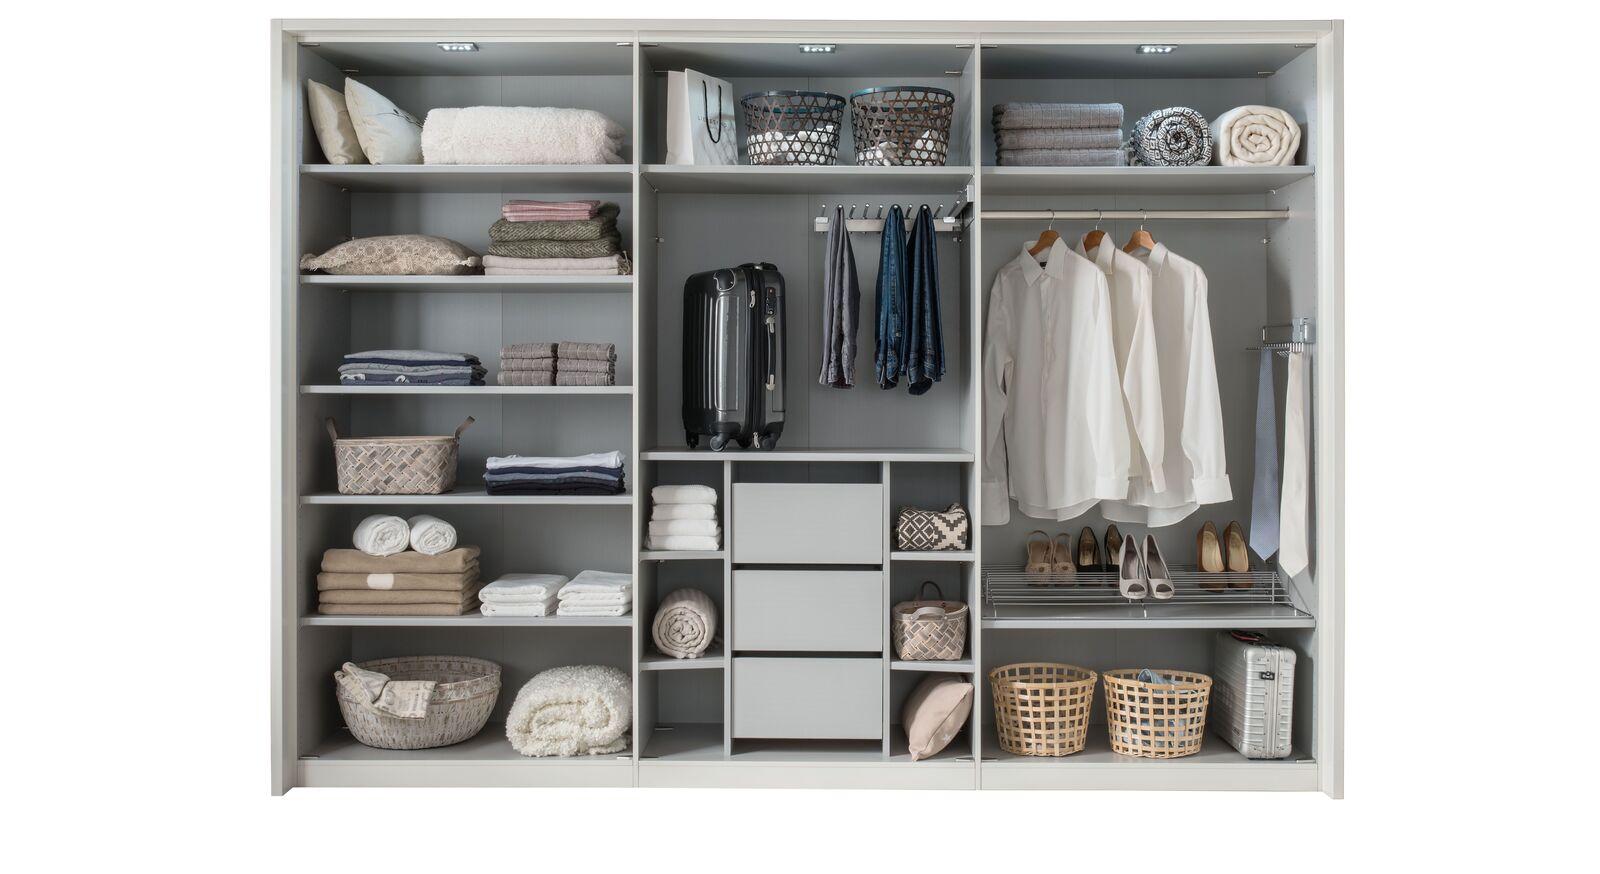 MUSTERRING Innenausstattung für Kleiderschränke zur praktischen Unterteilung